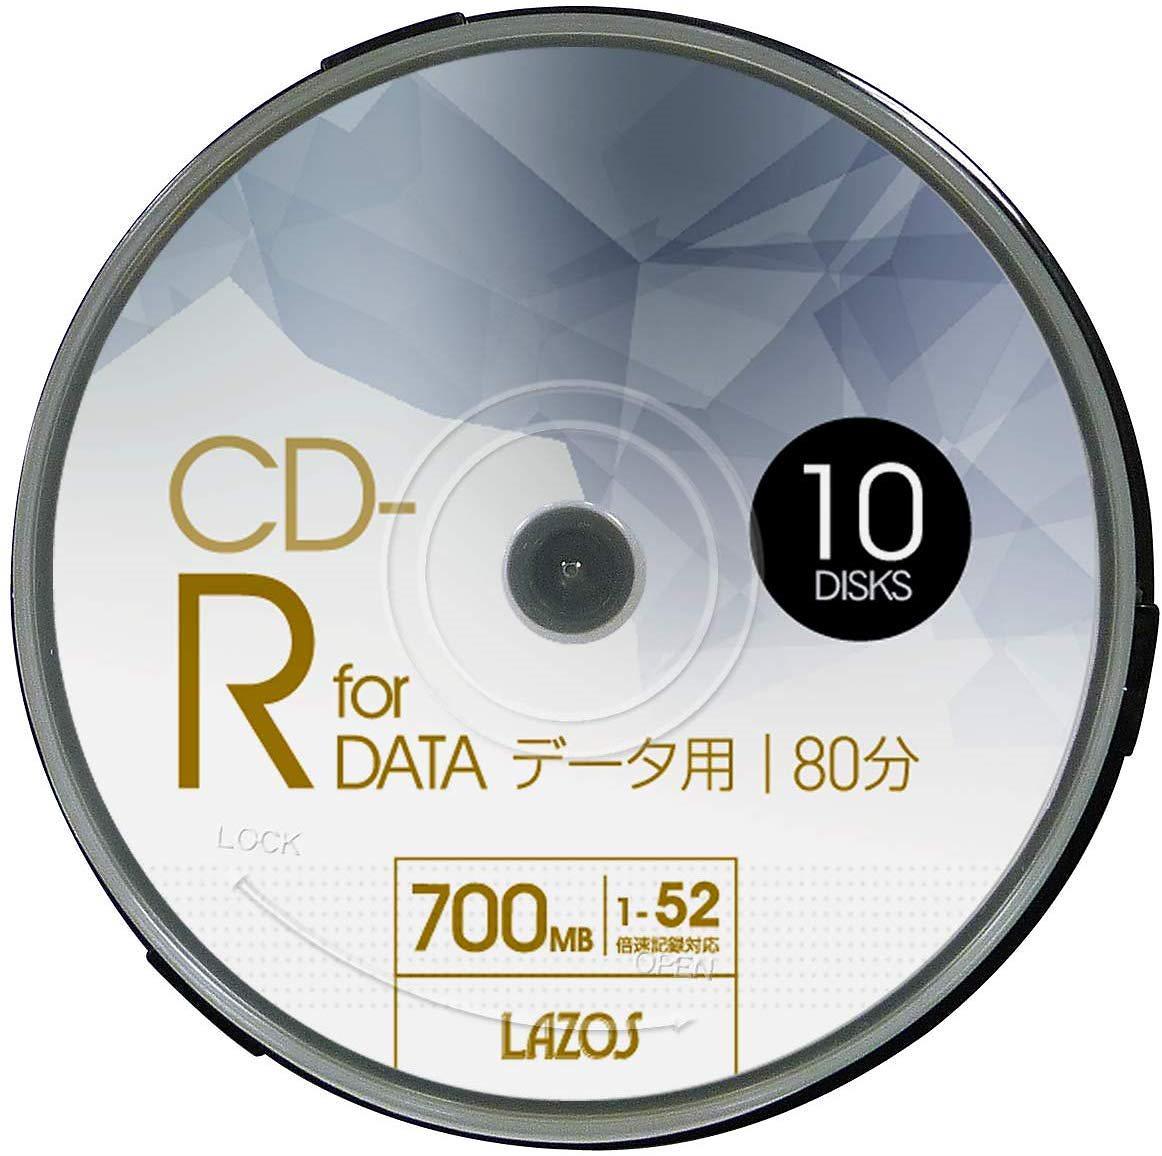 CD-R 700MB for DATA1-52倍速対応 1回記録用ホワイトワイド印刷対応 10枚組スピンドルケース入L-CD10P